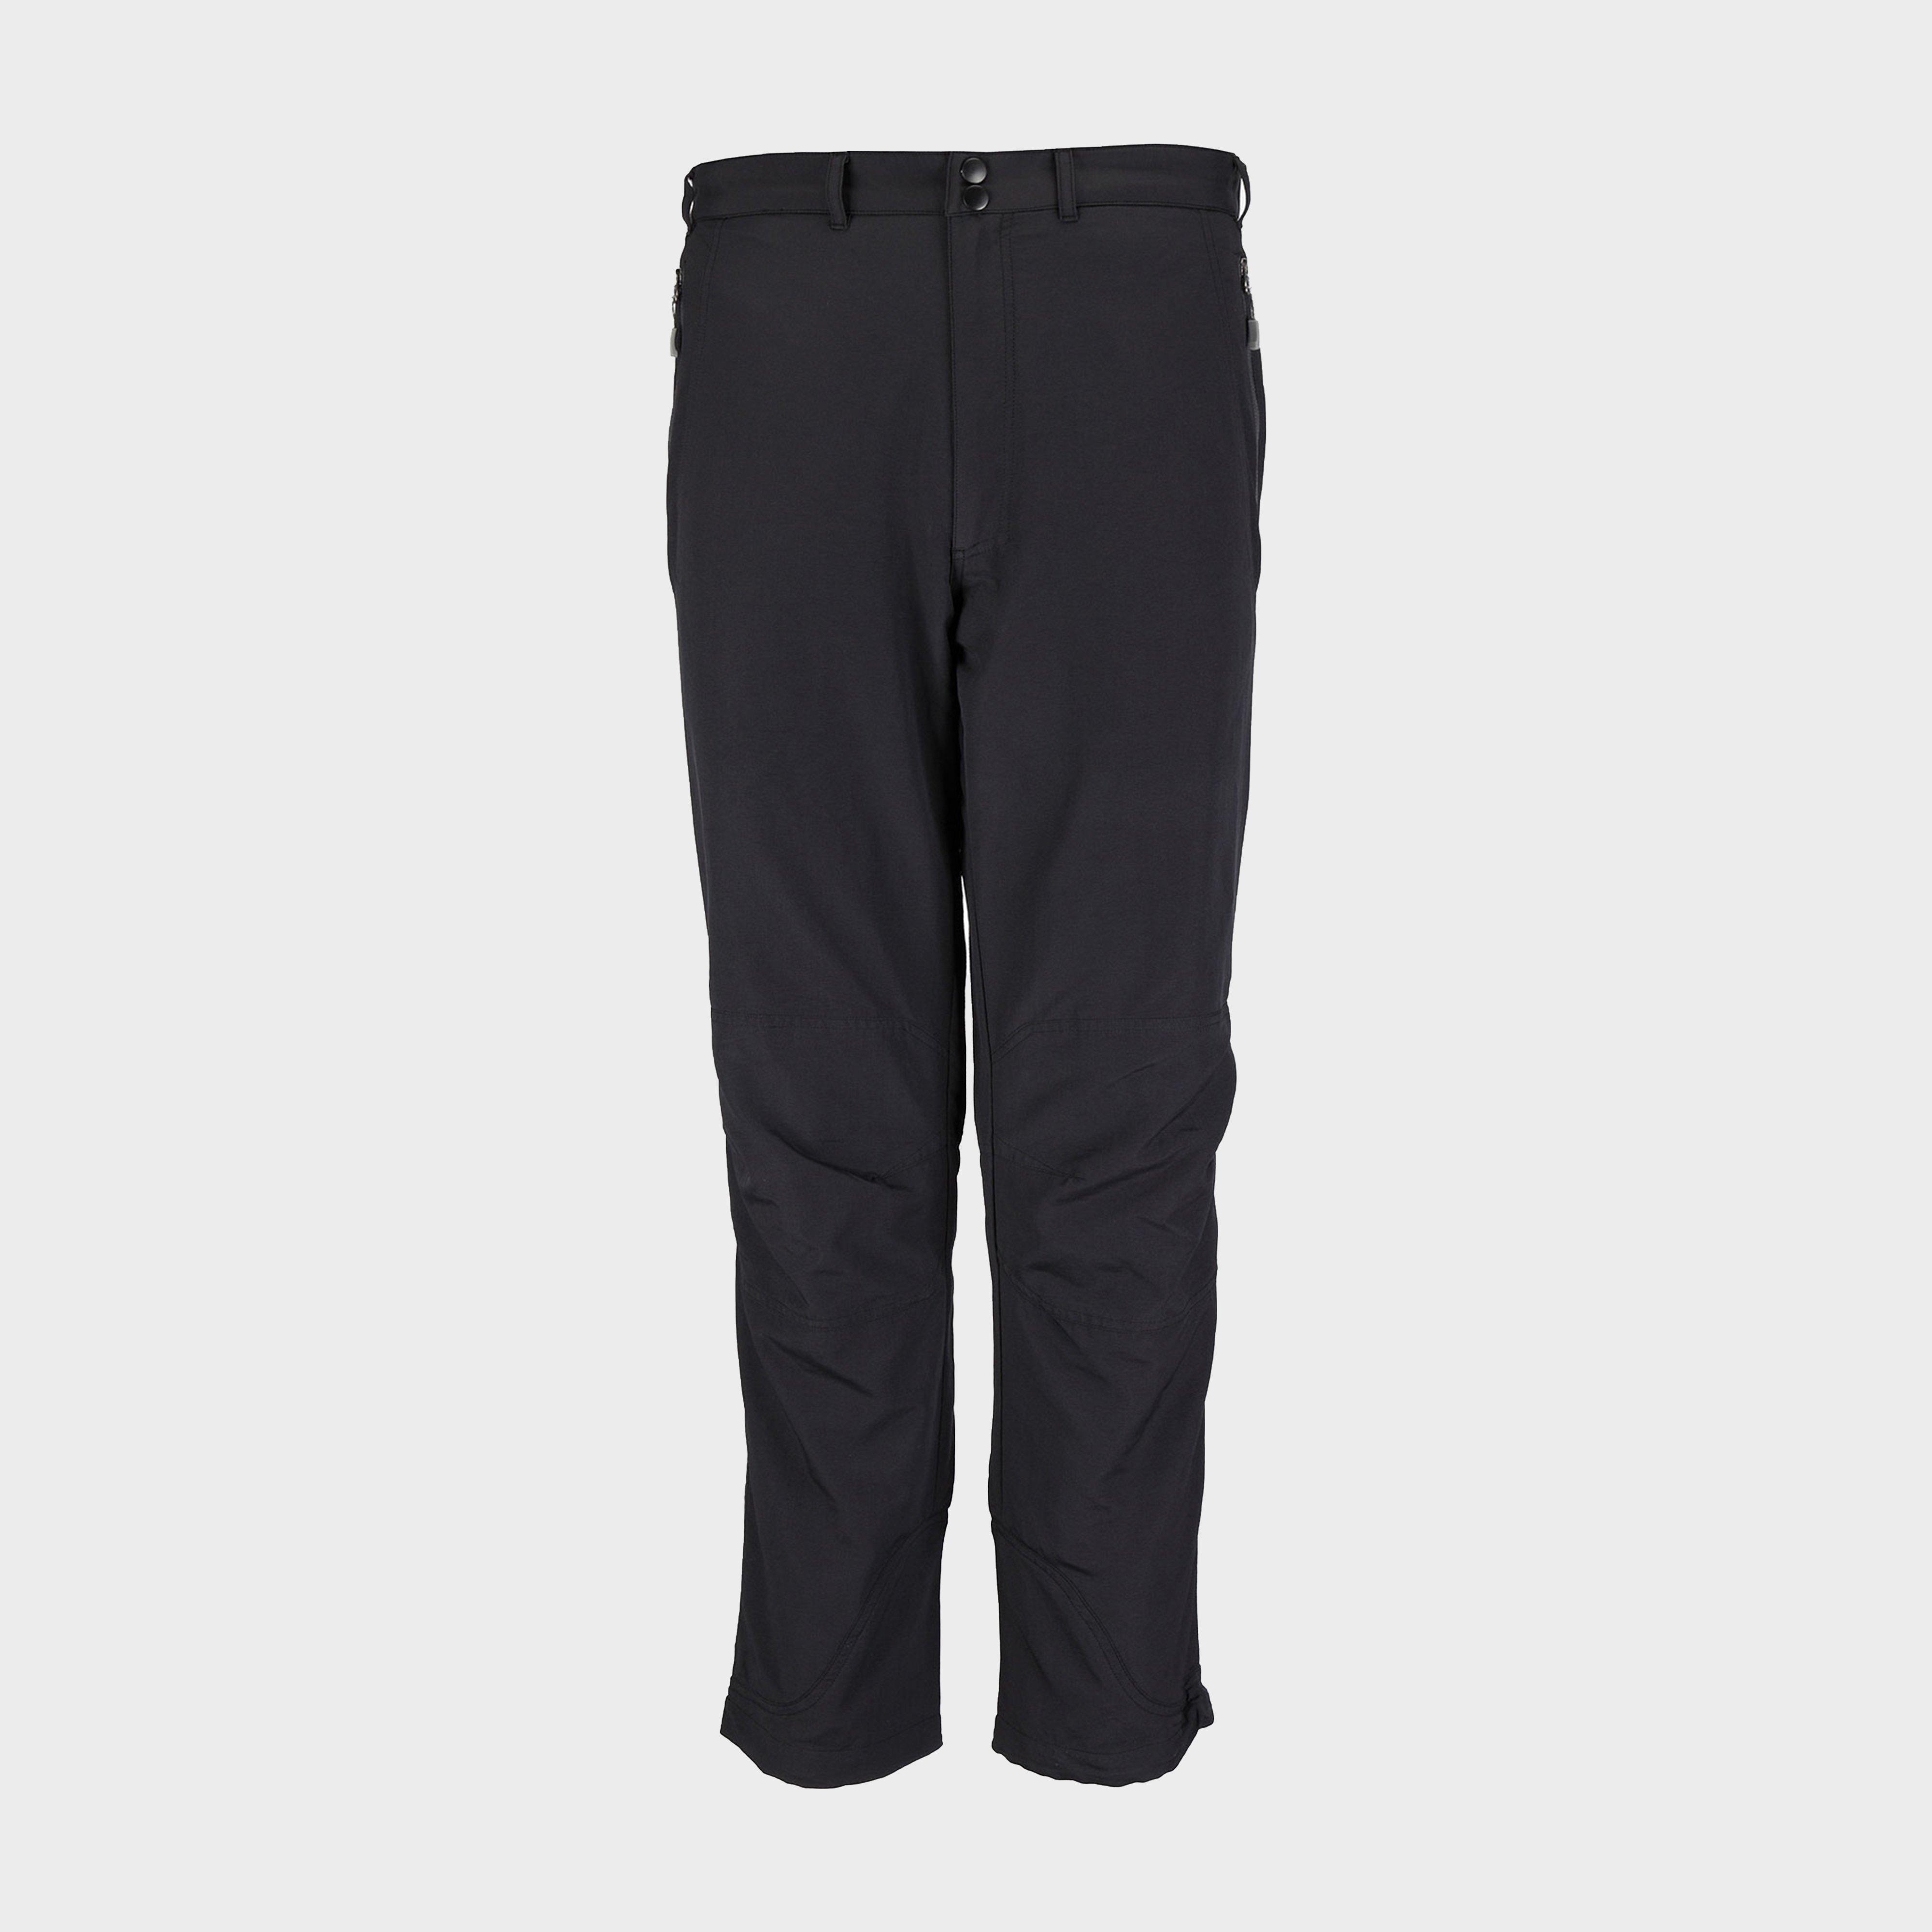 Rab bukser